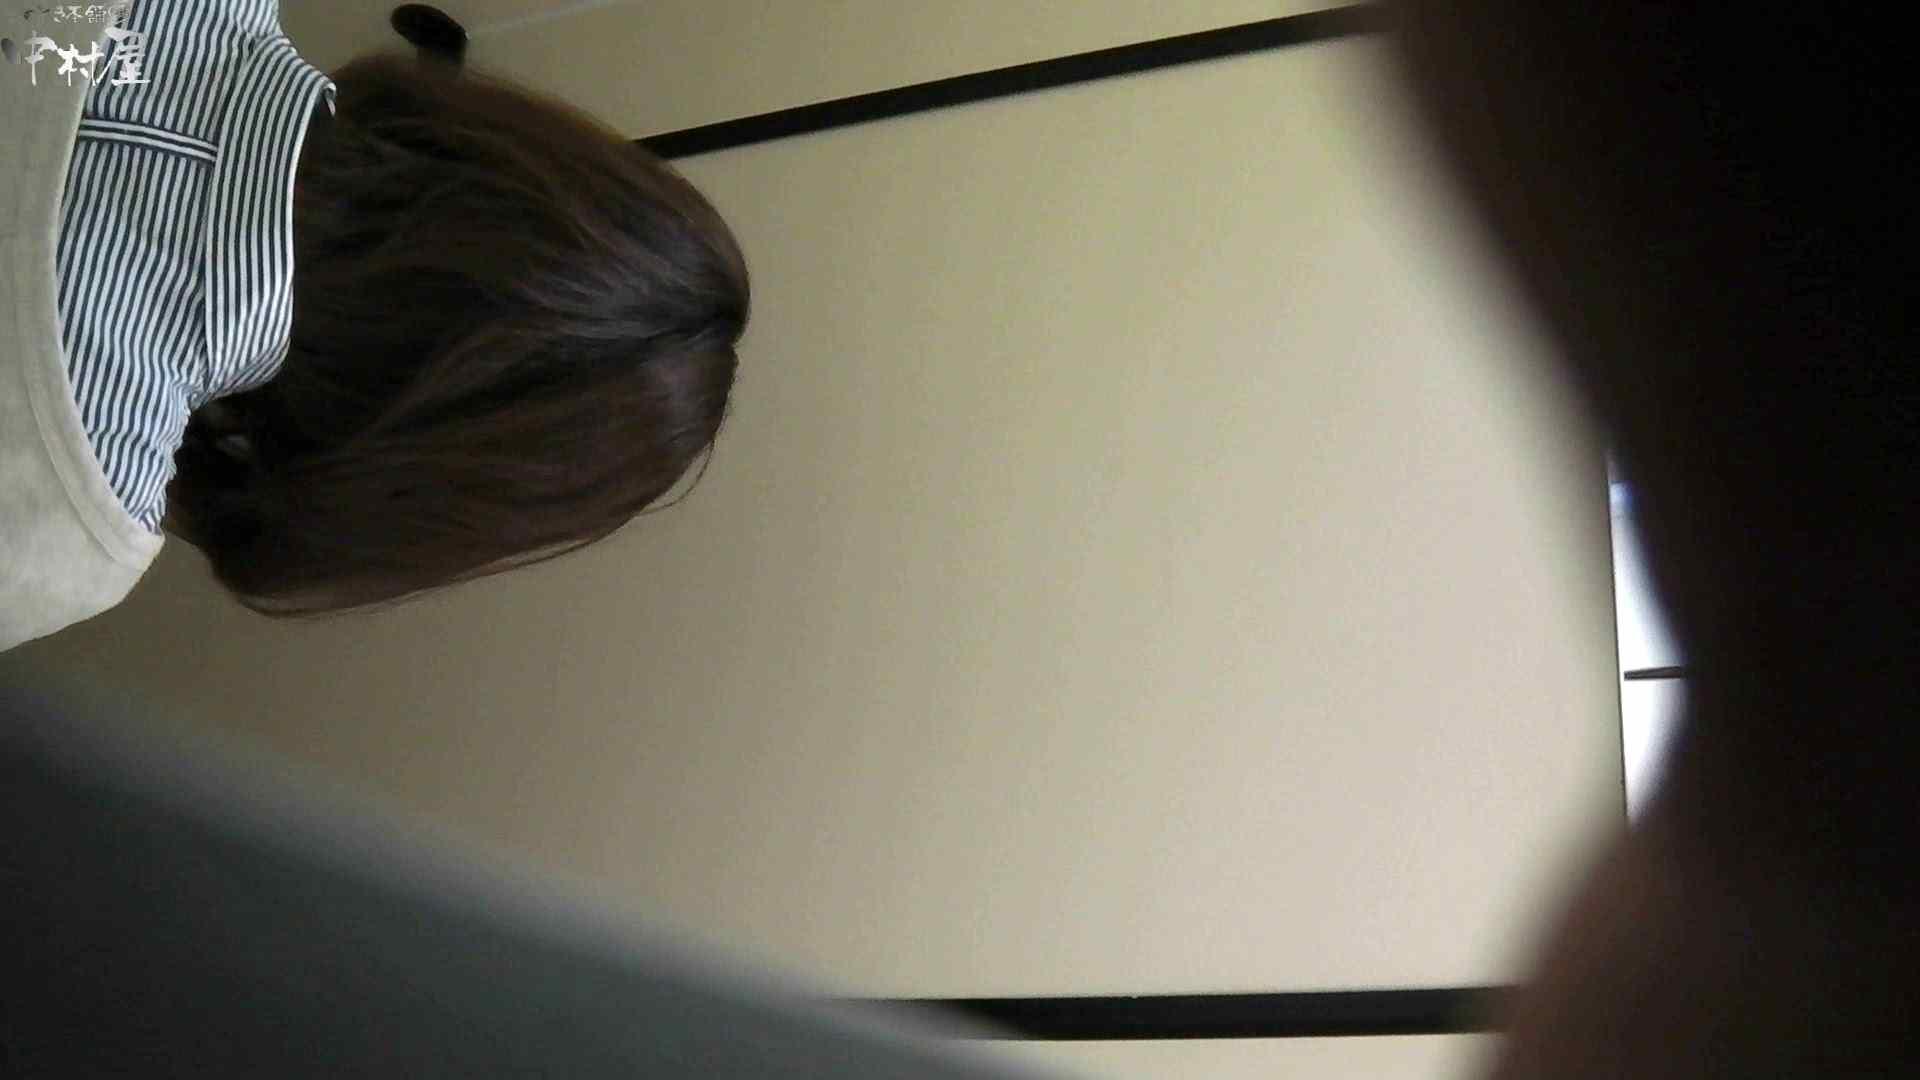 お市さんの「お尻丸出しジャンボリー」No.03 潜入突撃 オマンコ無修正動画無料 107pic 80